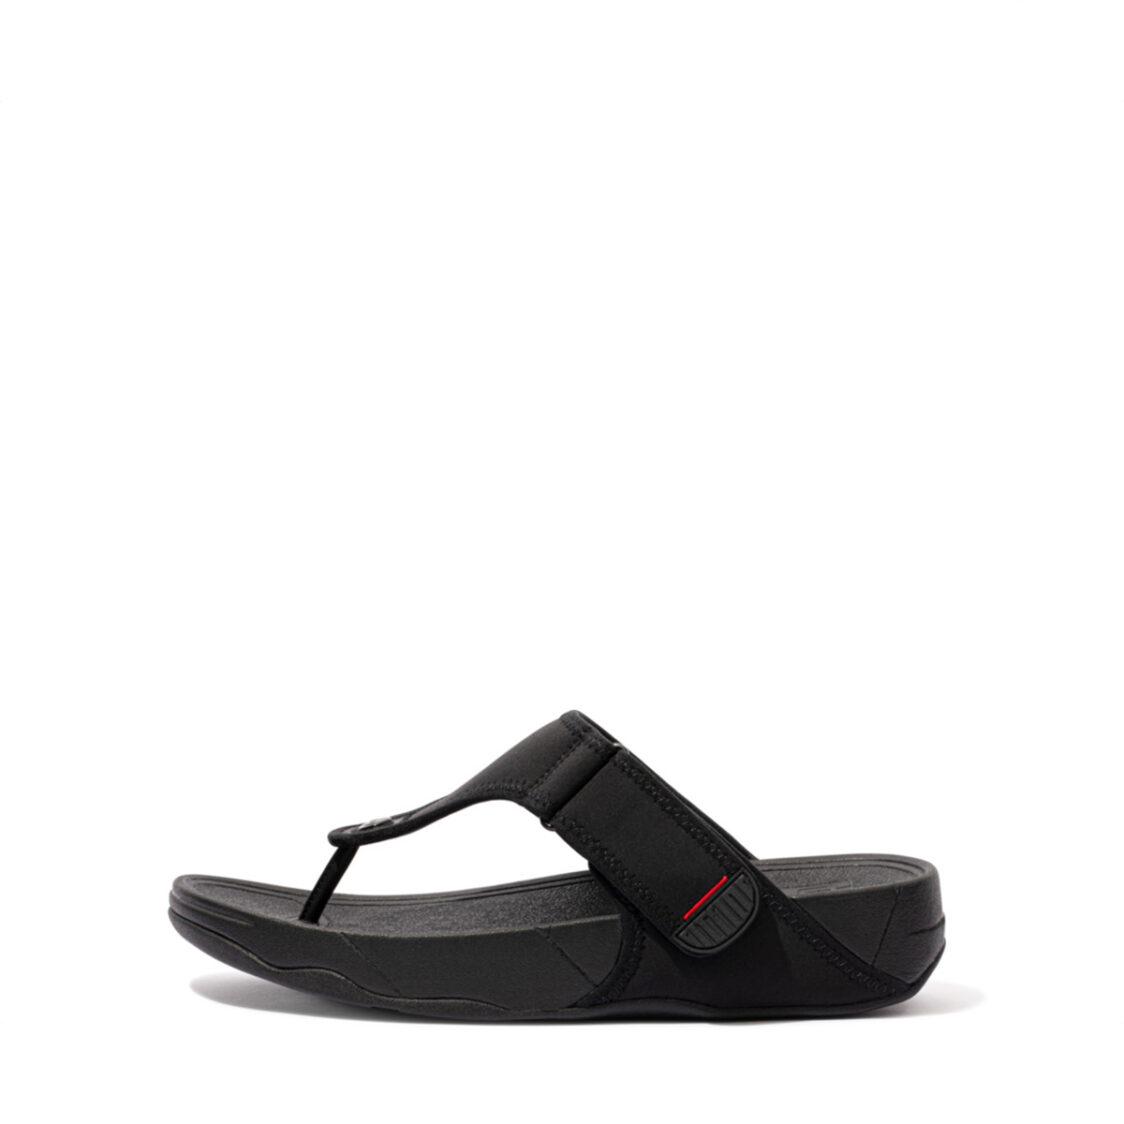 Fitflop Trakk II Toe-post Sandals All Black EJ3-090